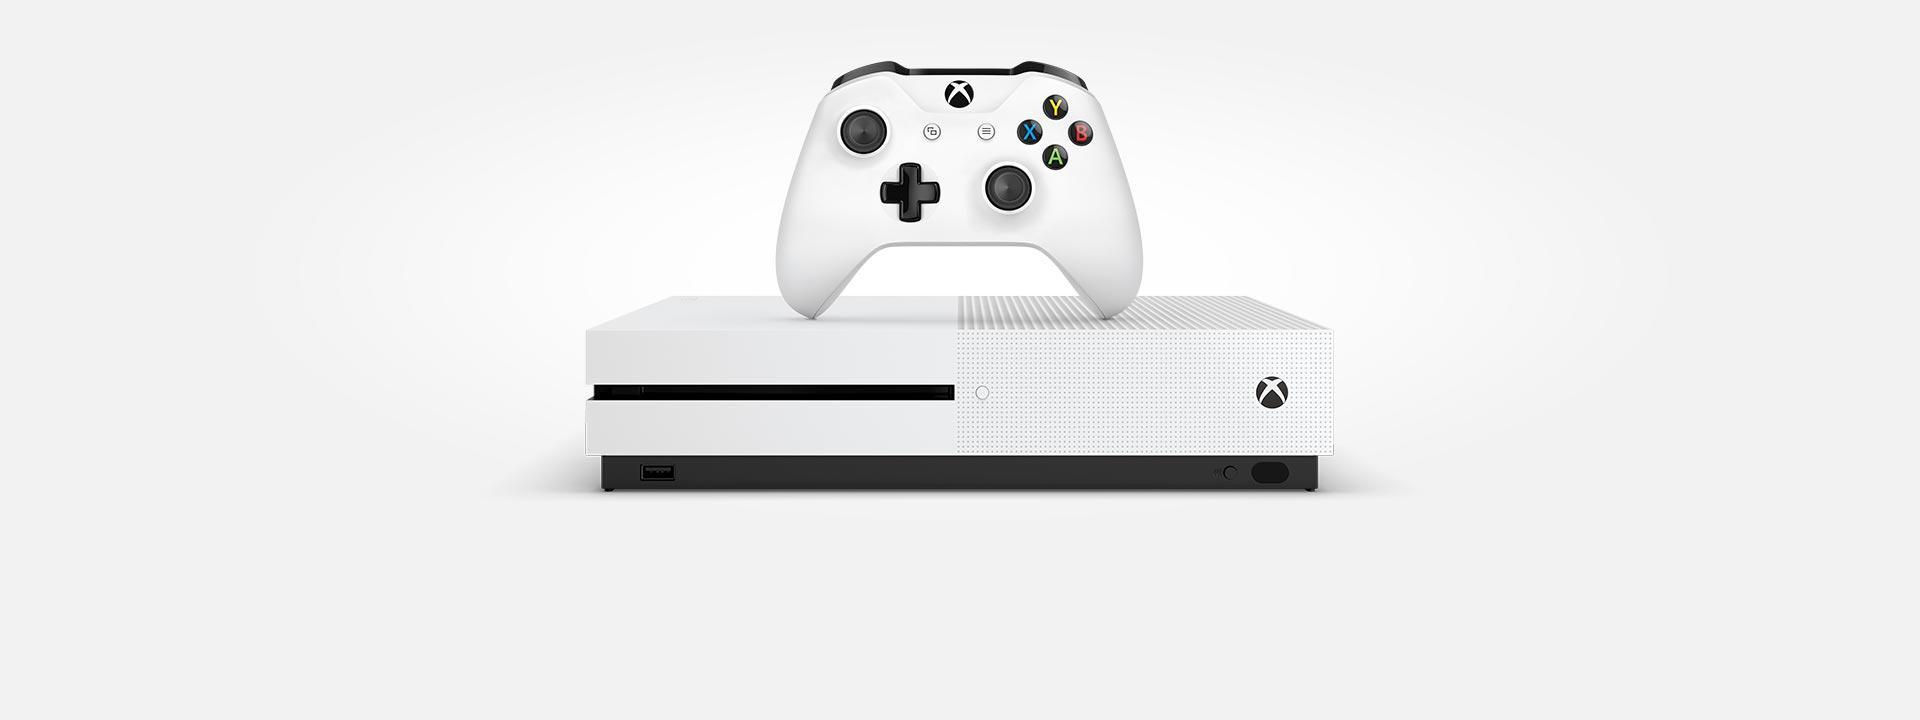 Xbox One S-konsoll og kontroller, kjøp nå